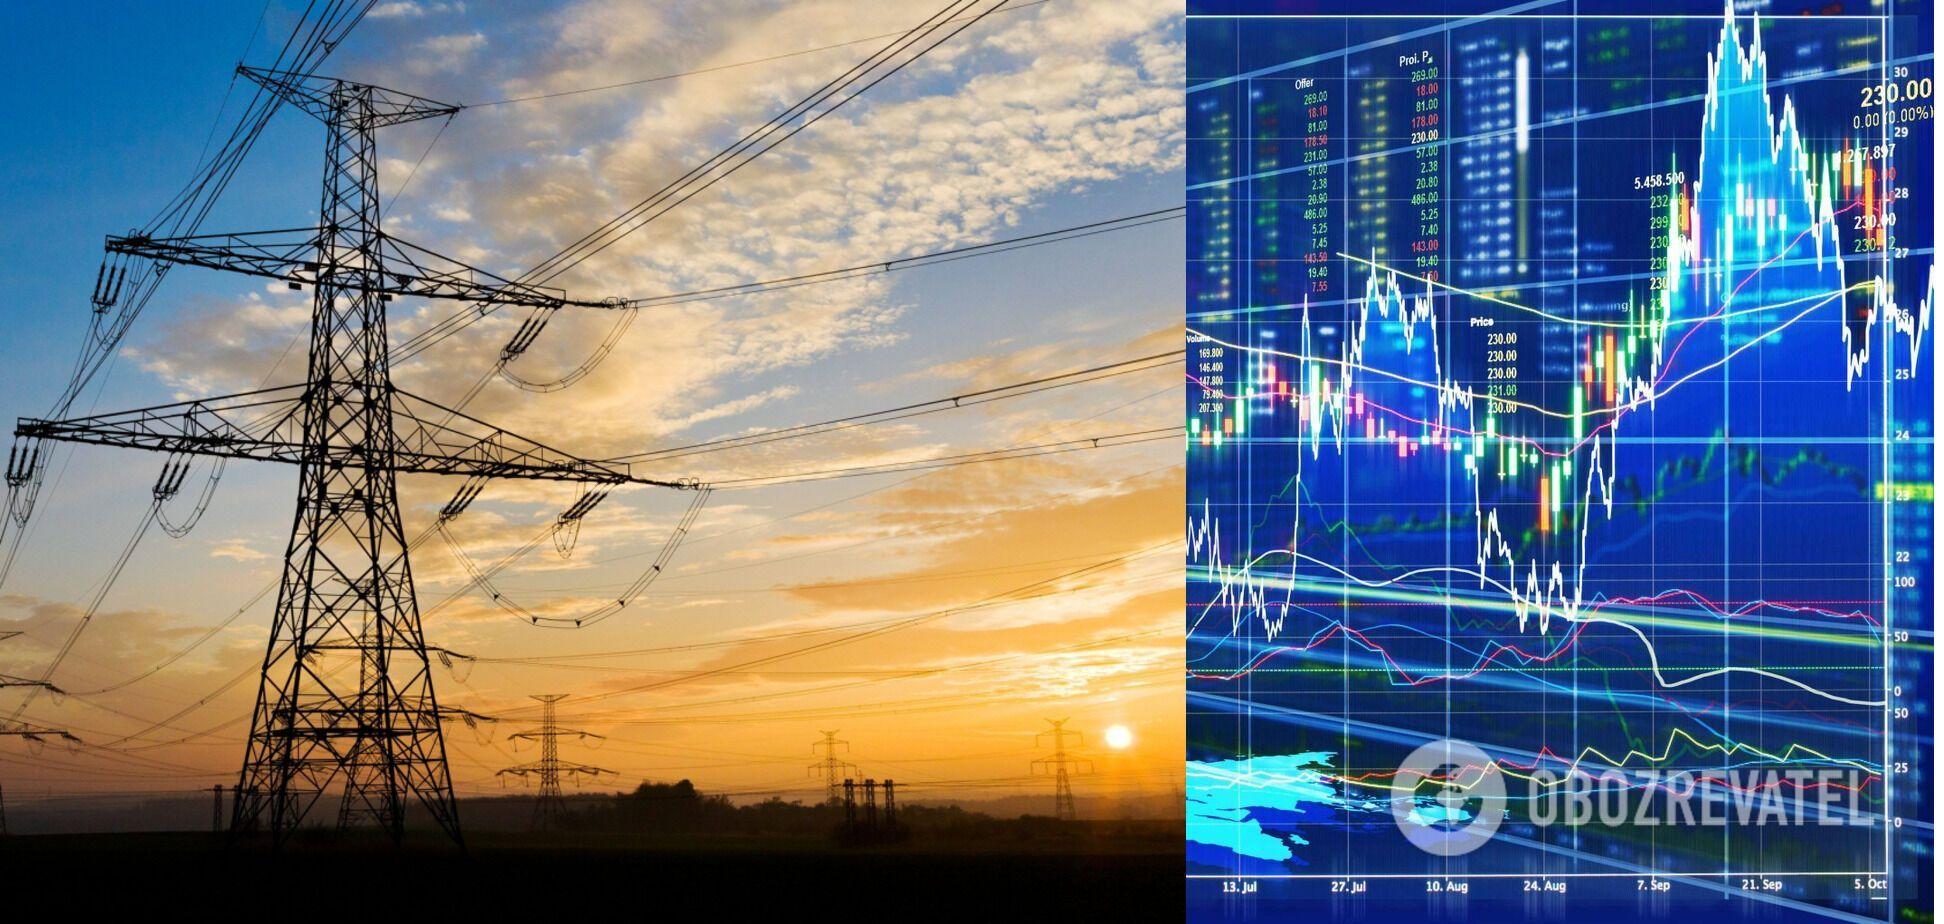 RAB-тариф є позитивним сигналом для приватизації державних обленерго, – член НКРЕКП